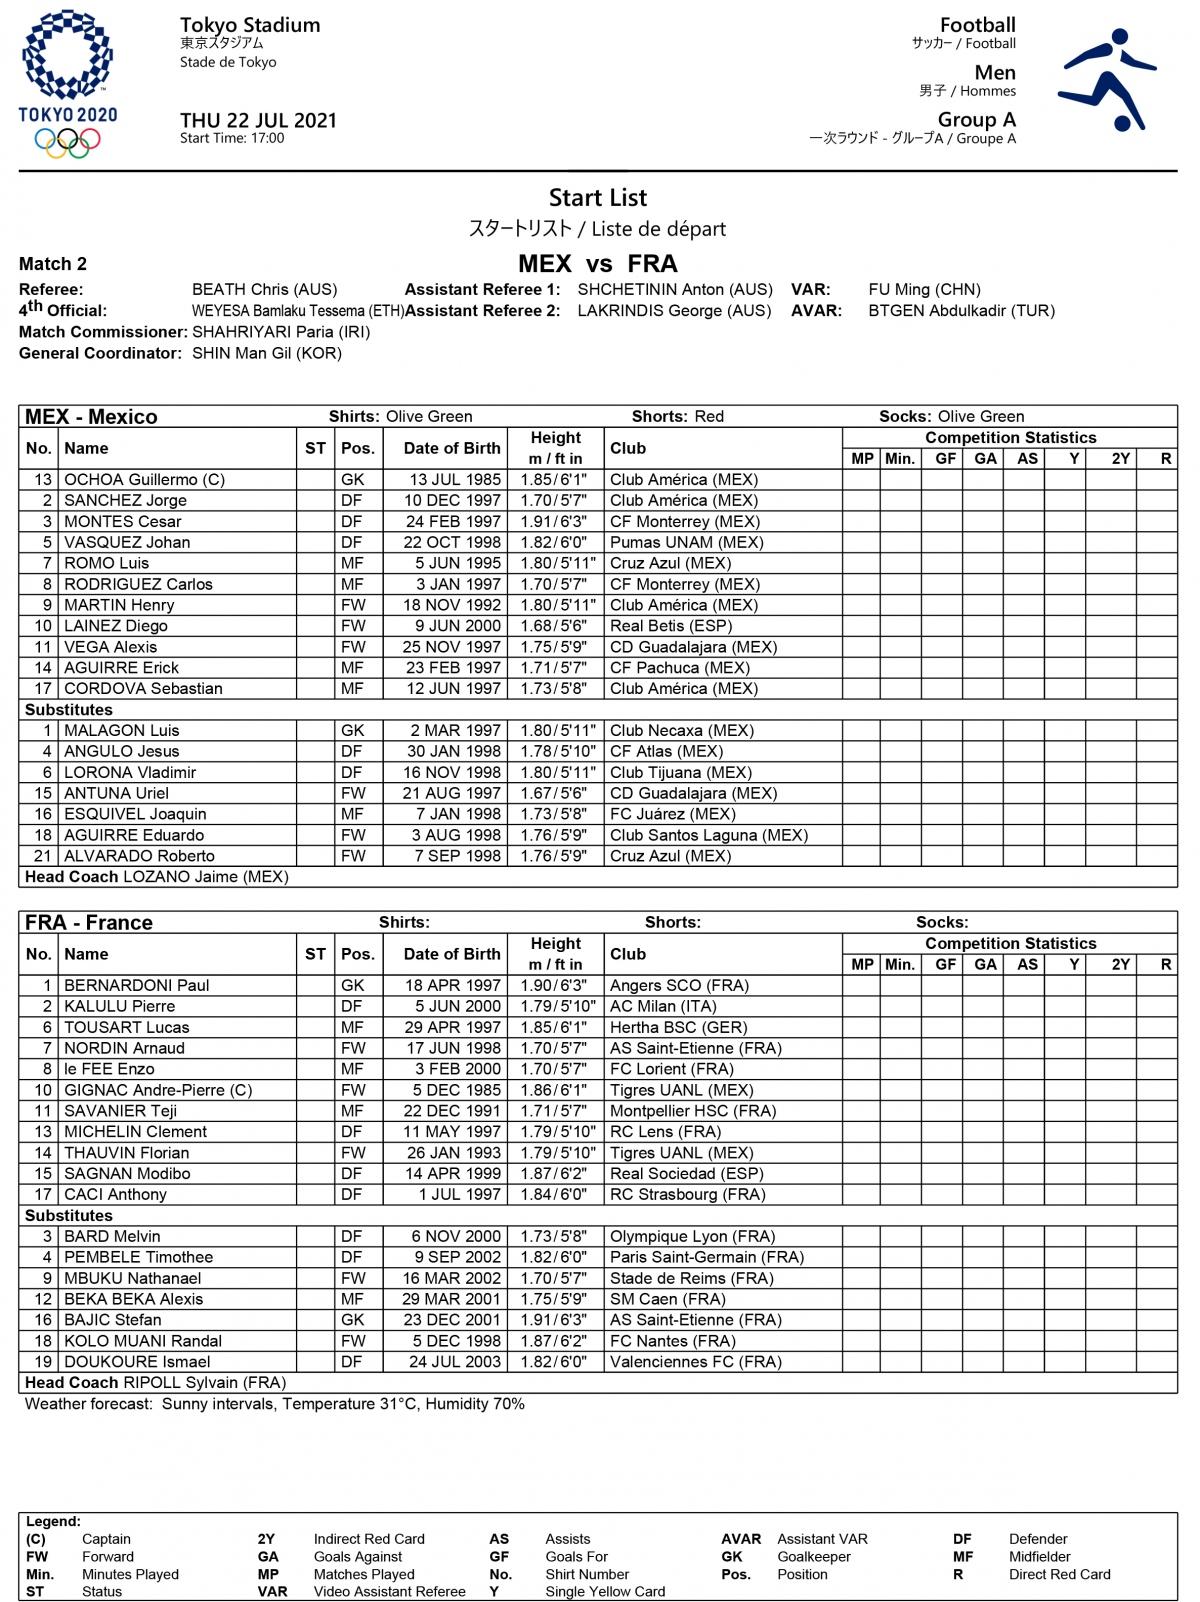 Đội hình thi đấu của U23 Mexico và U23 Pháp.